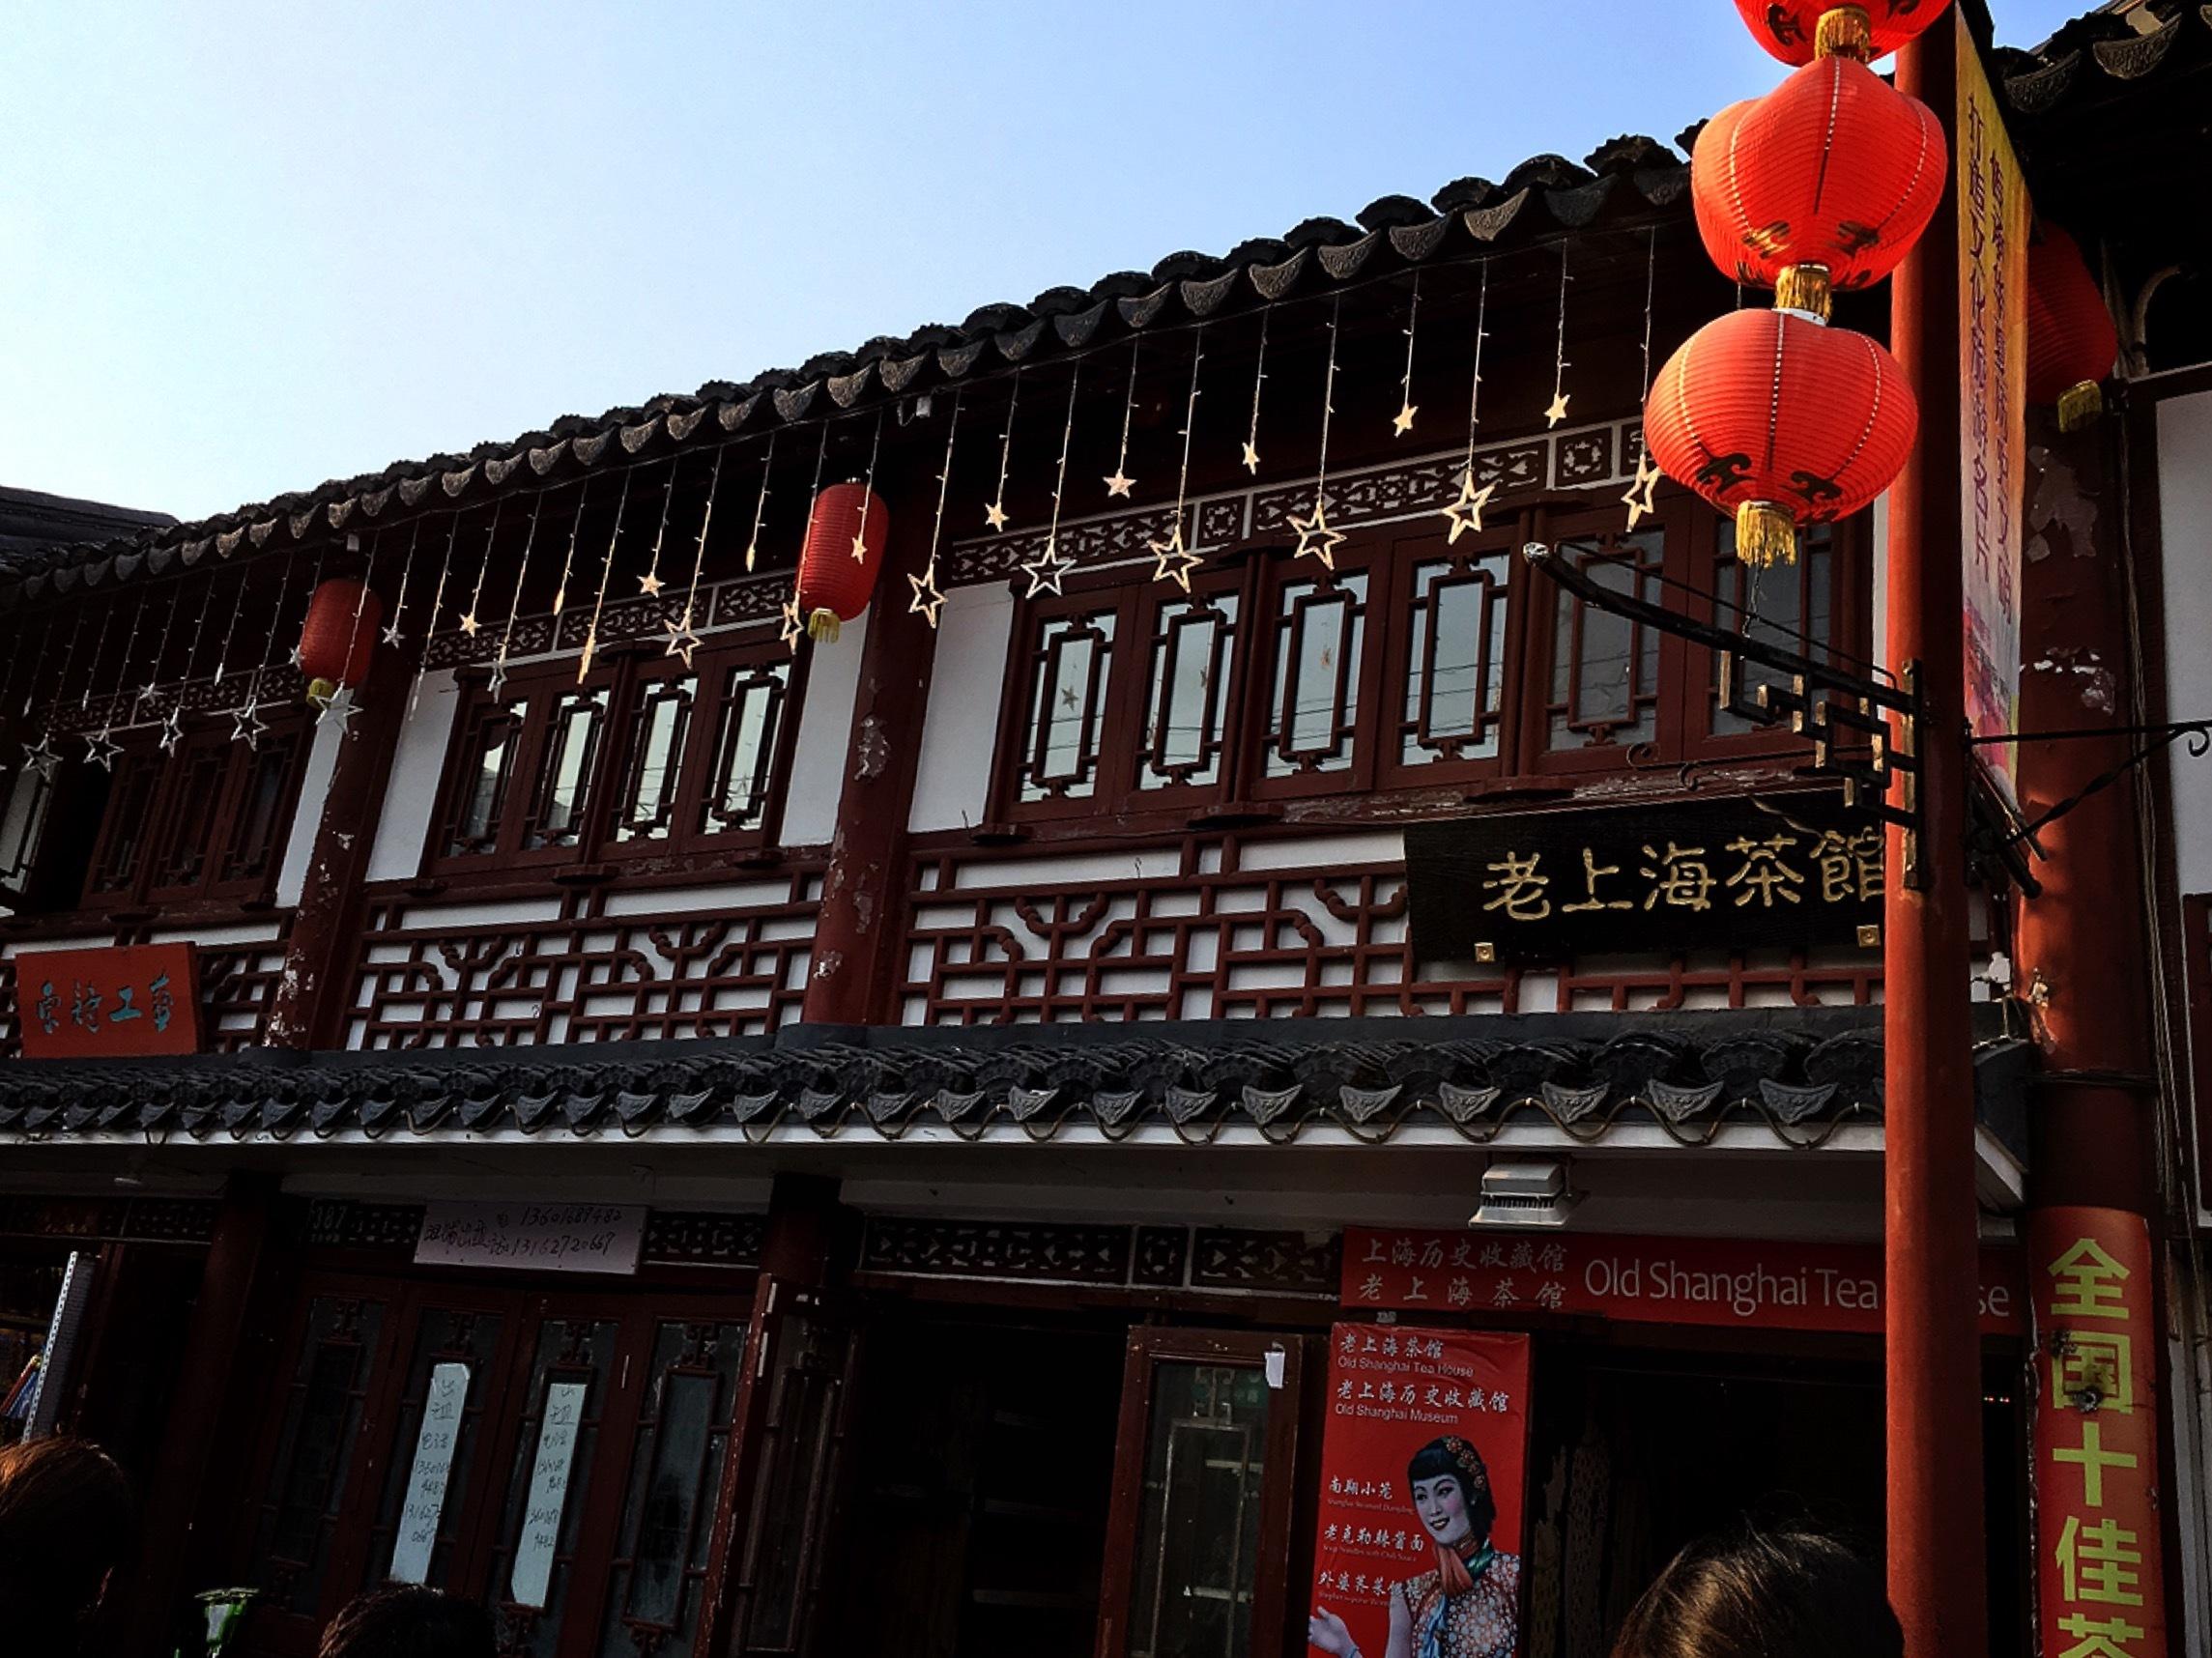 上海老街_1_2